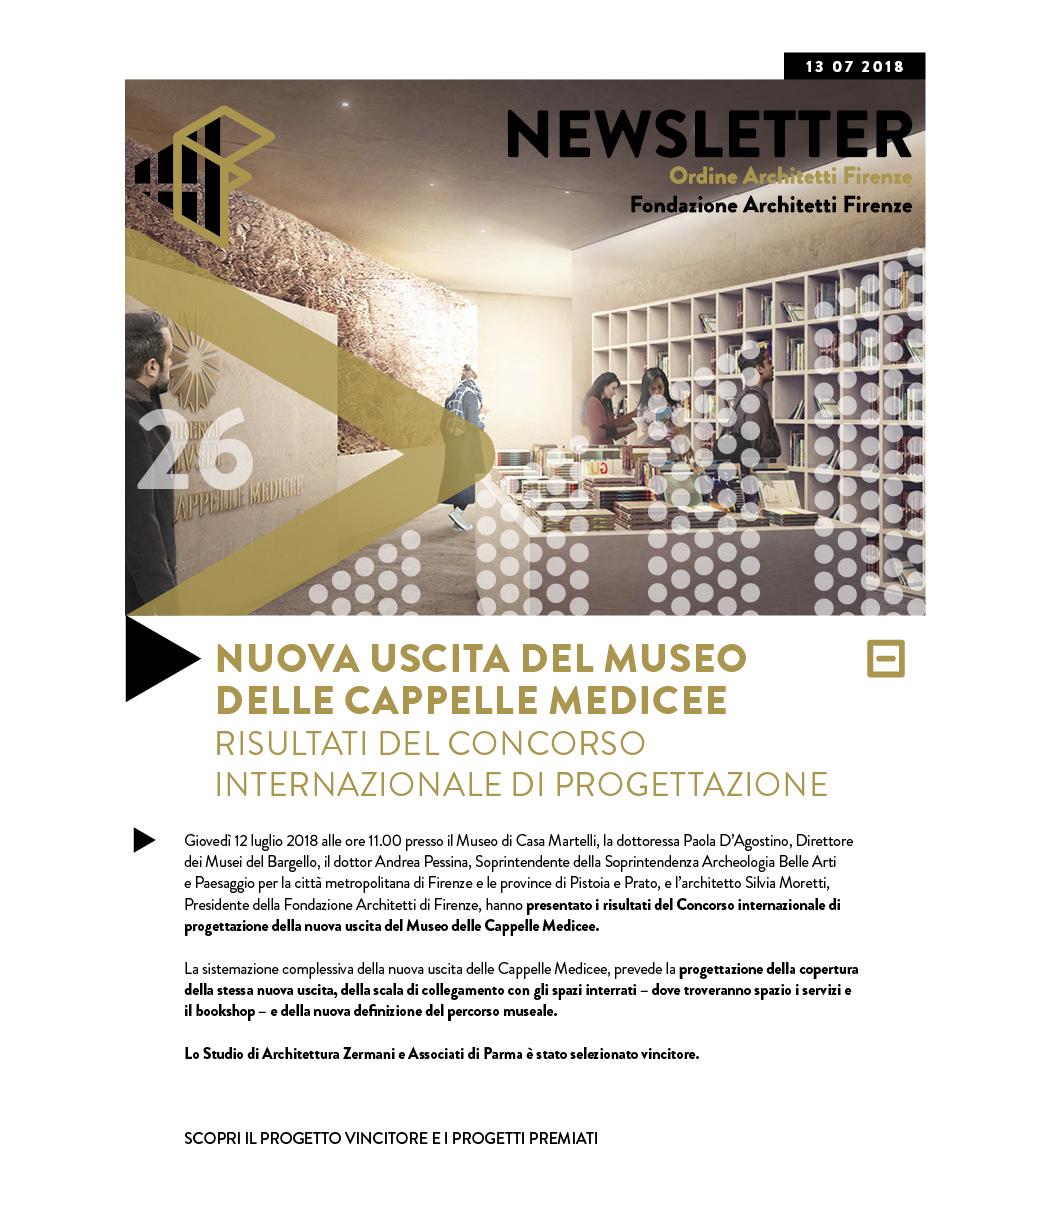 Nuova uscita del Museo delle Cappelle Medicee Risultati del concorso internazionale di progettazione